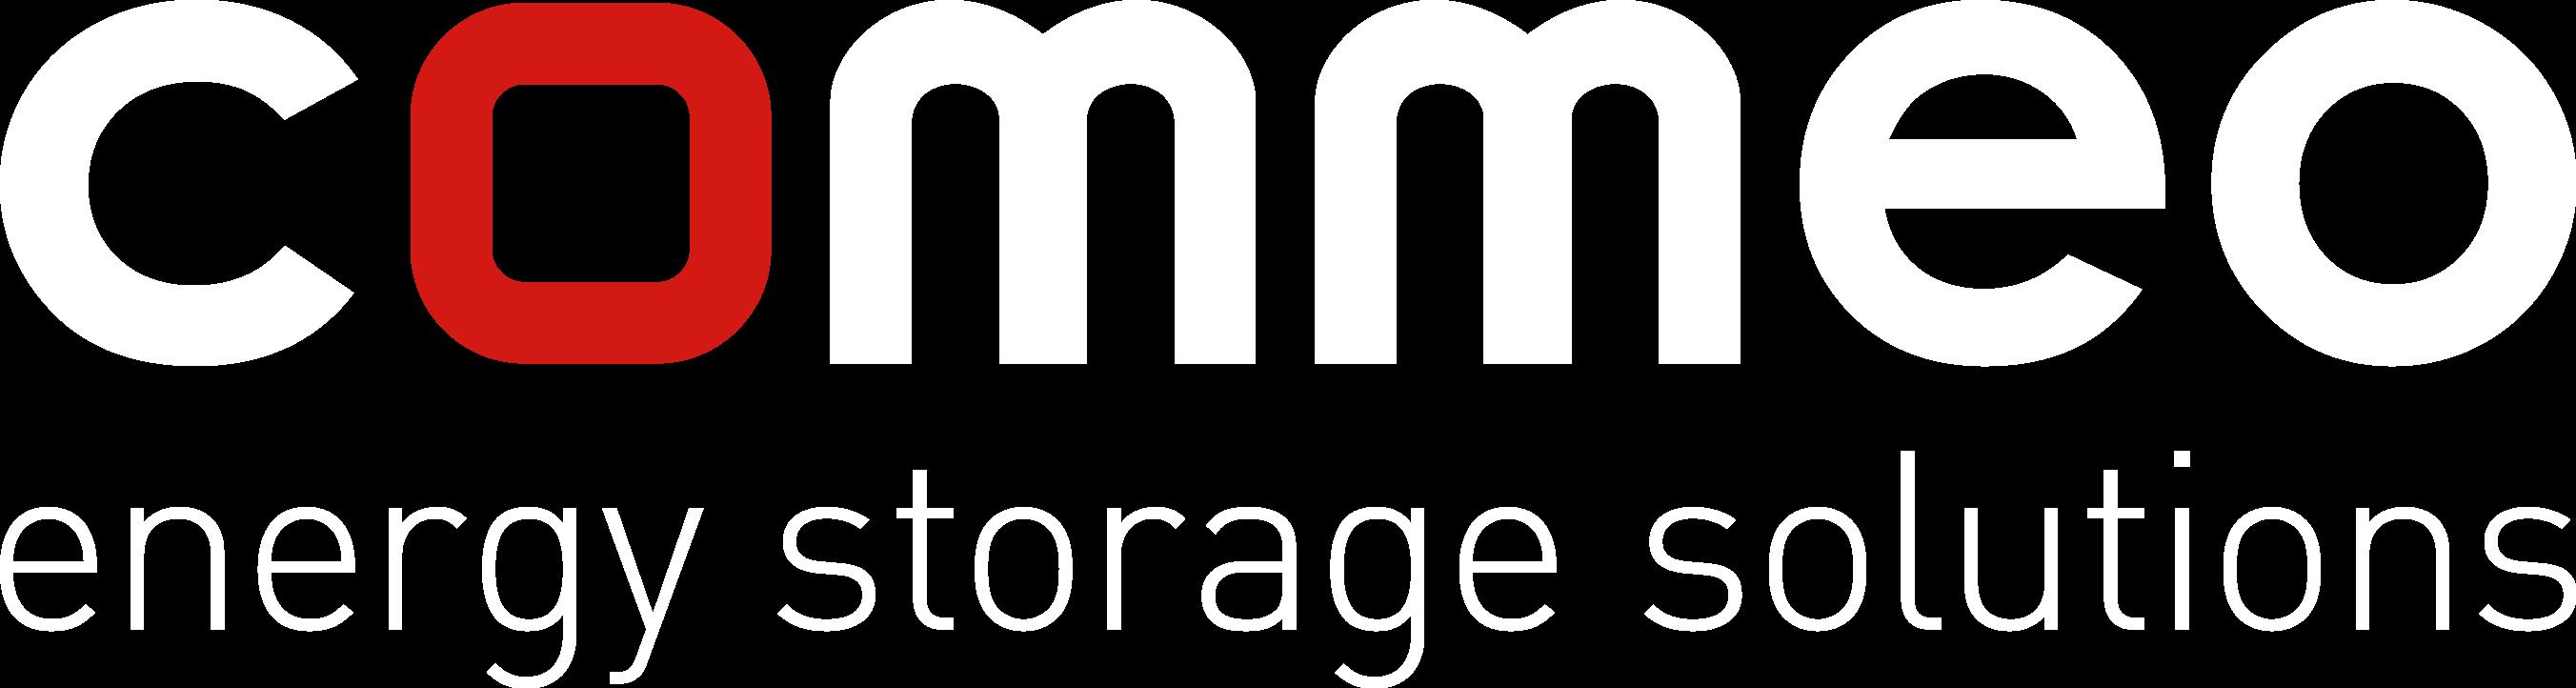 Commeo GmbH – energy storage solutions